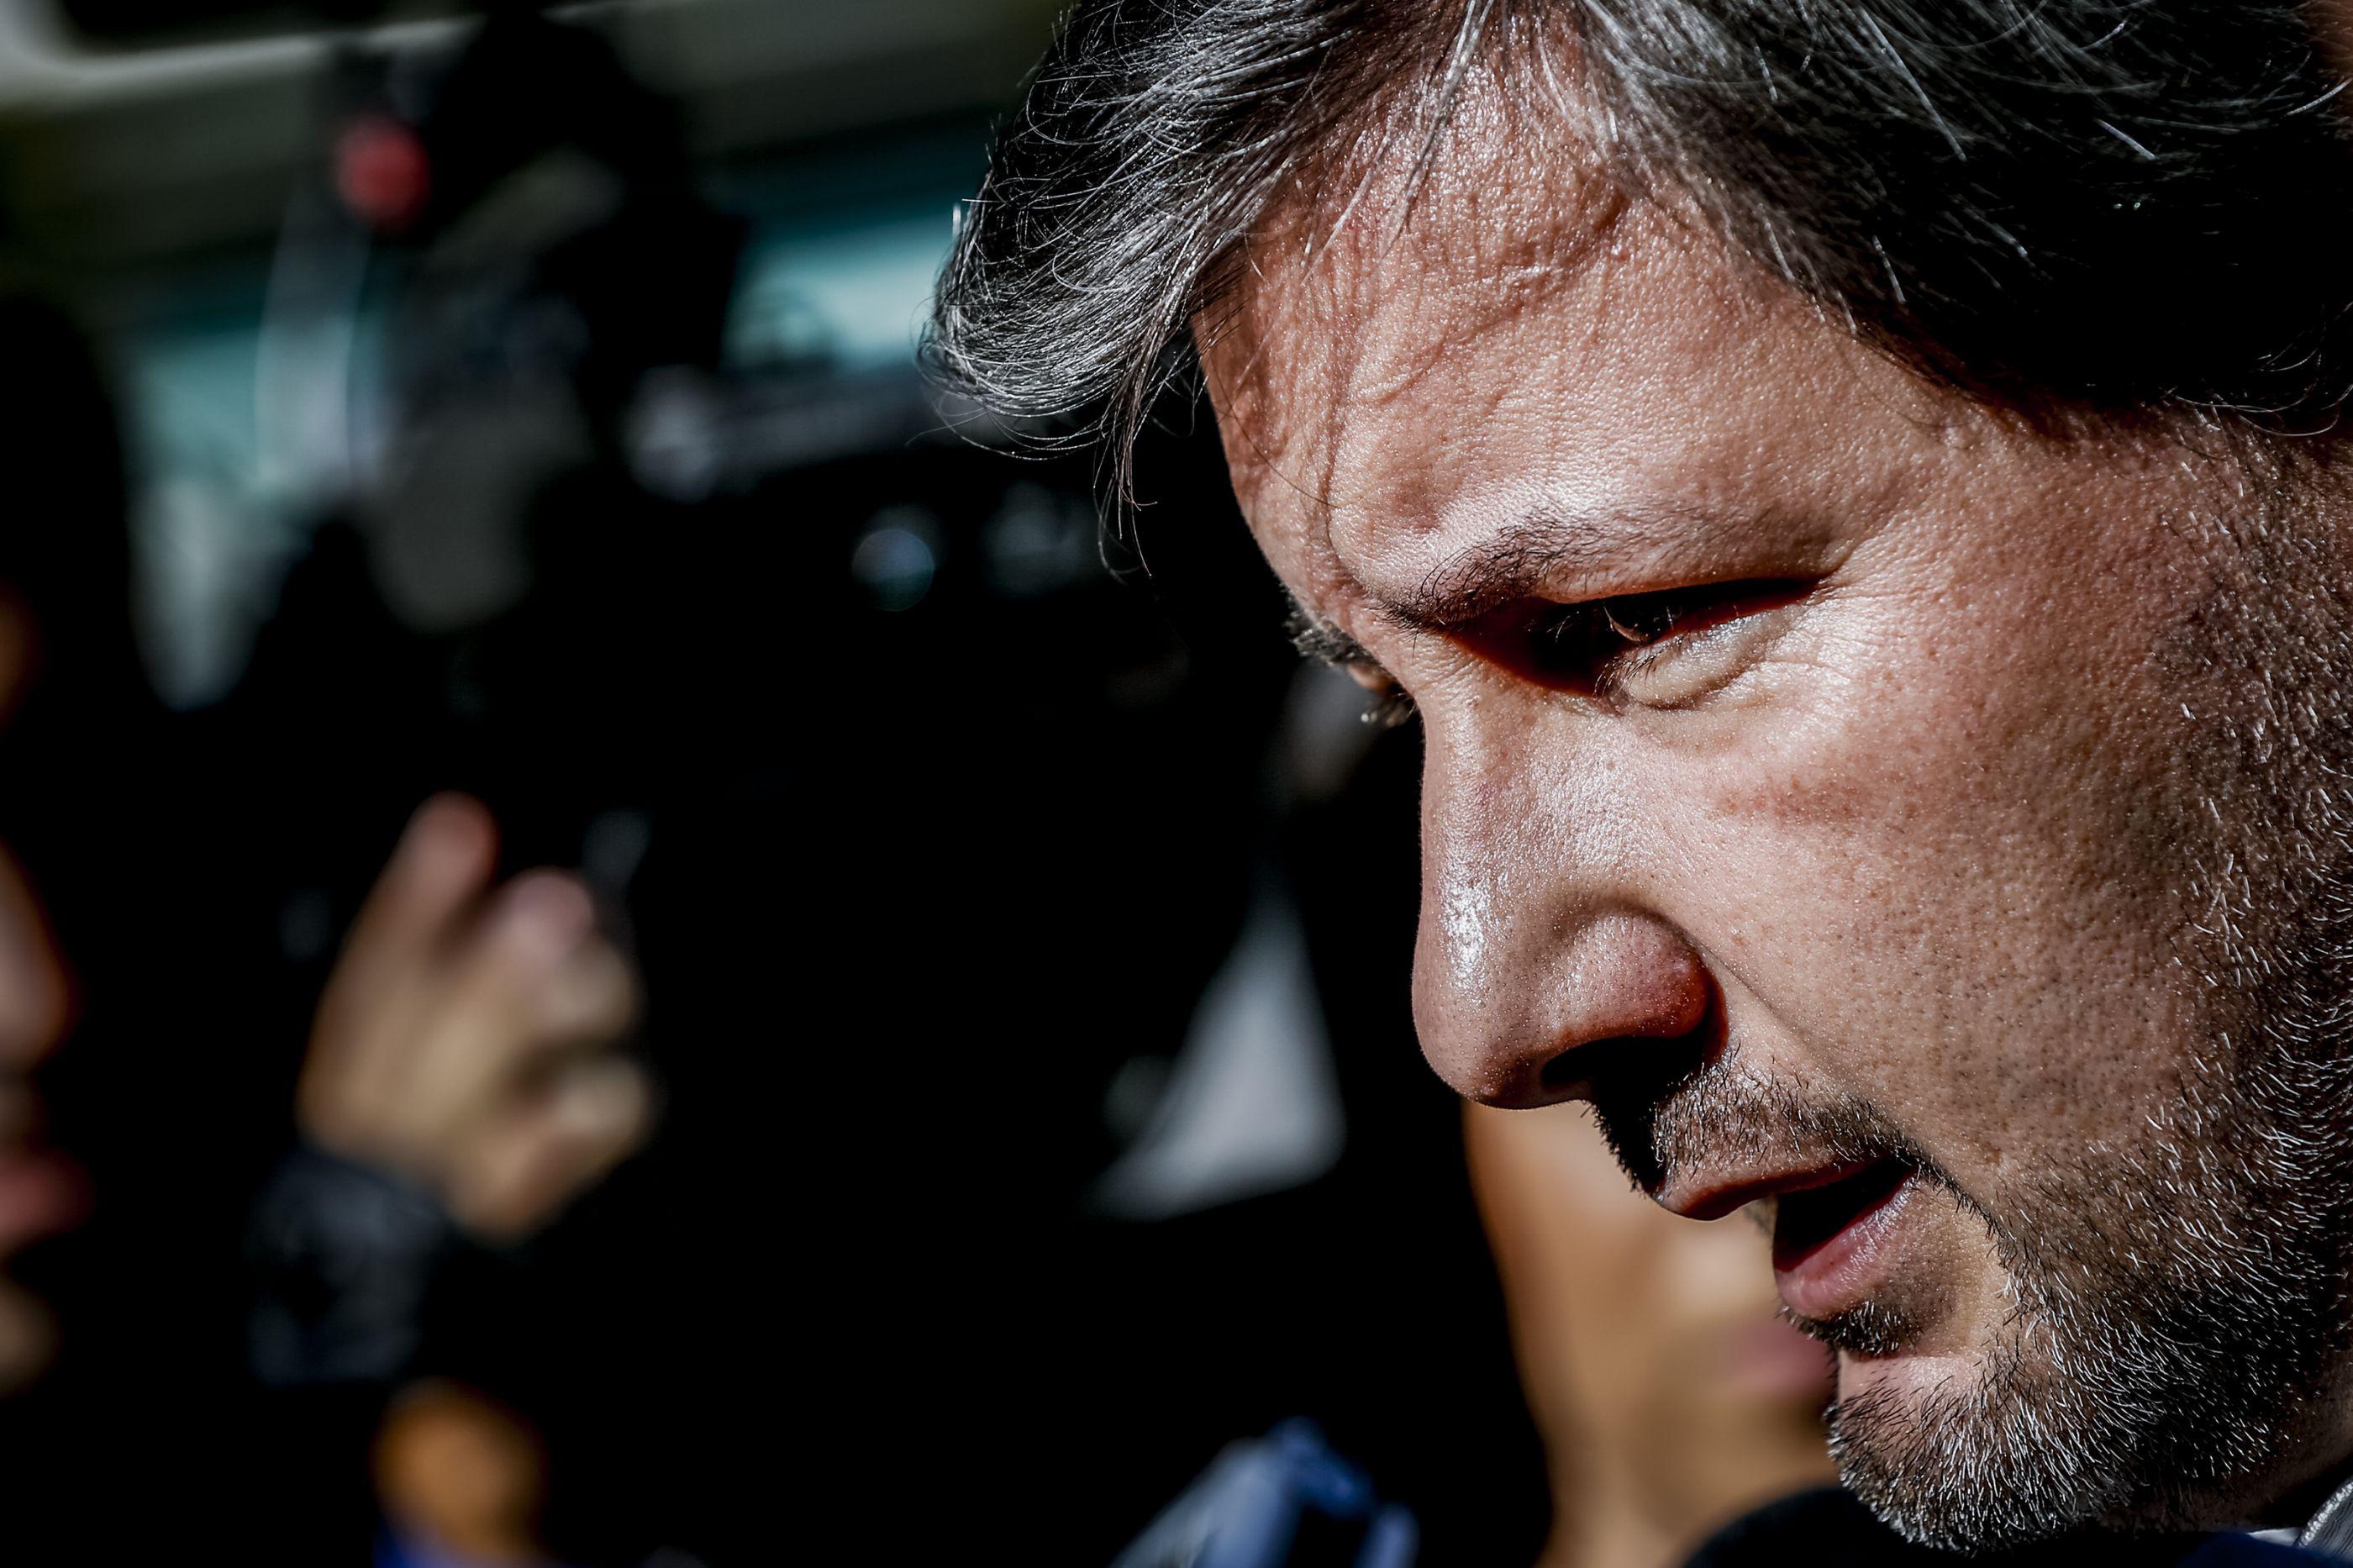 Bruno de Carvalho saiu em silêncio do tribunal, mas agradeceu a apoiantes